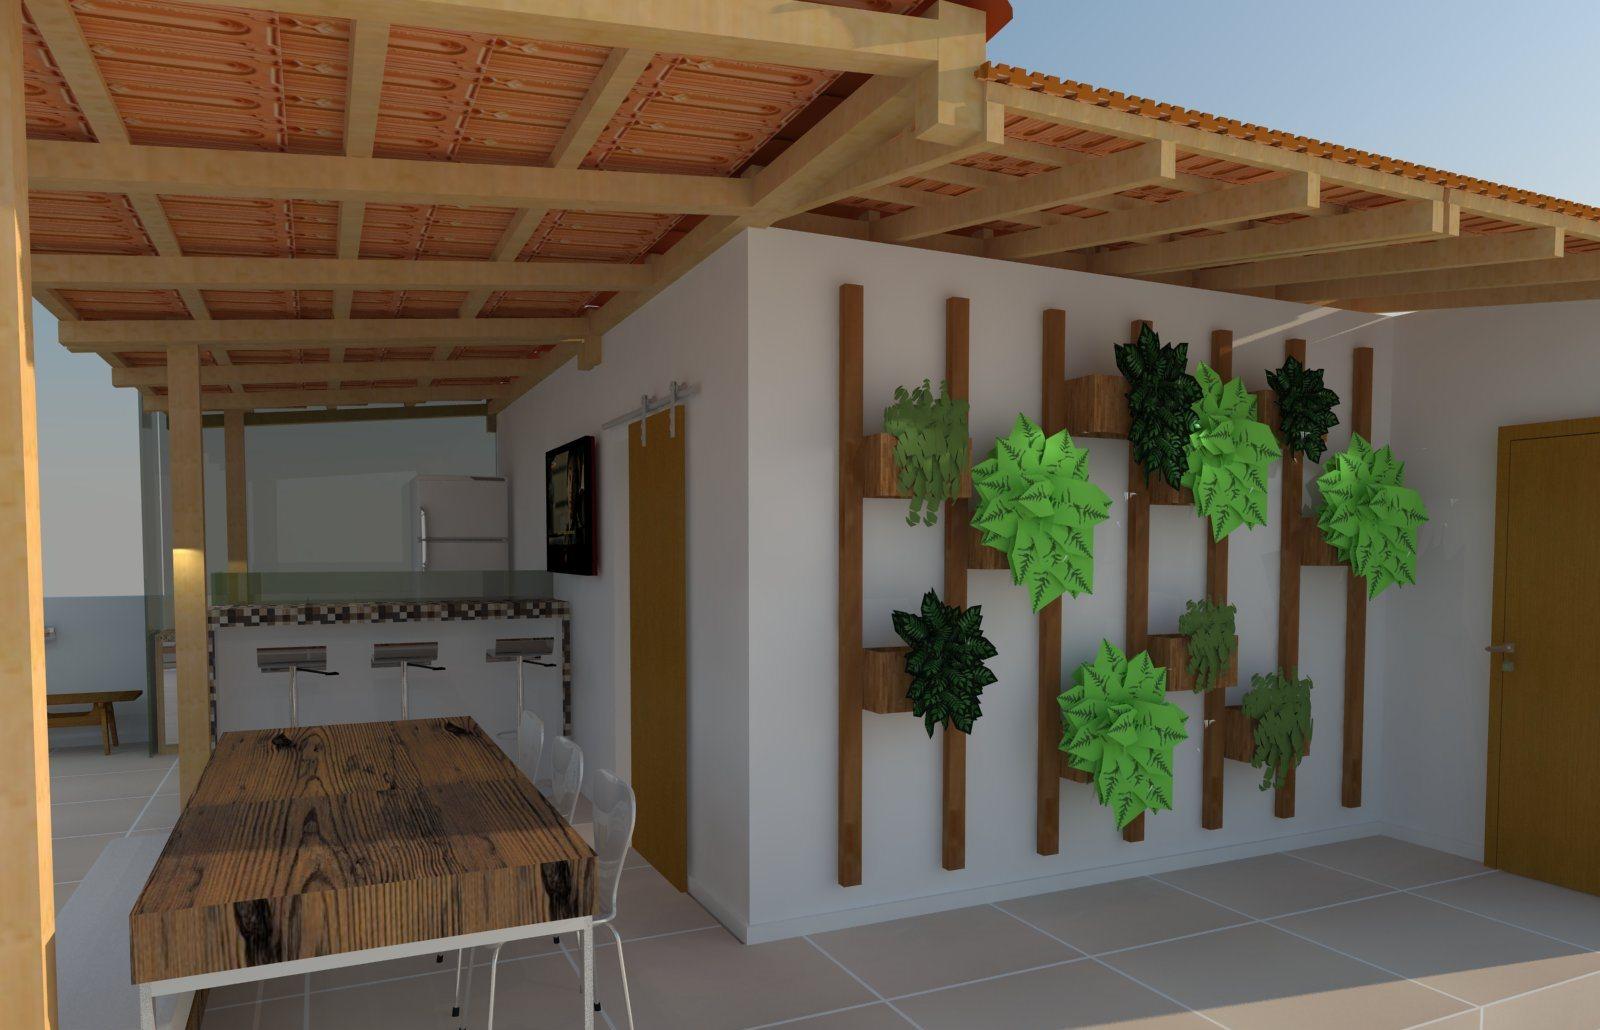 Fotos De Paredes Da área Externa Da Casa Decoradas Pictures to pin on  #B37218 1600 1030